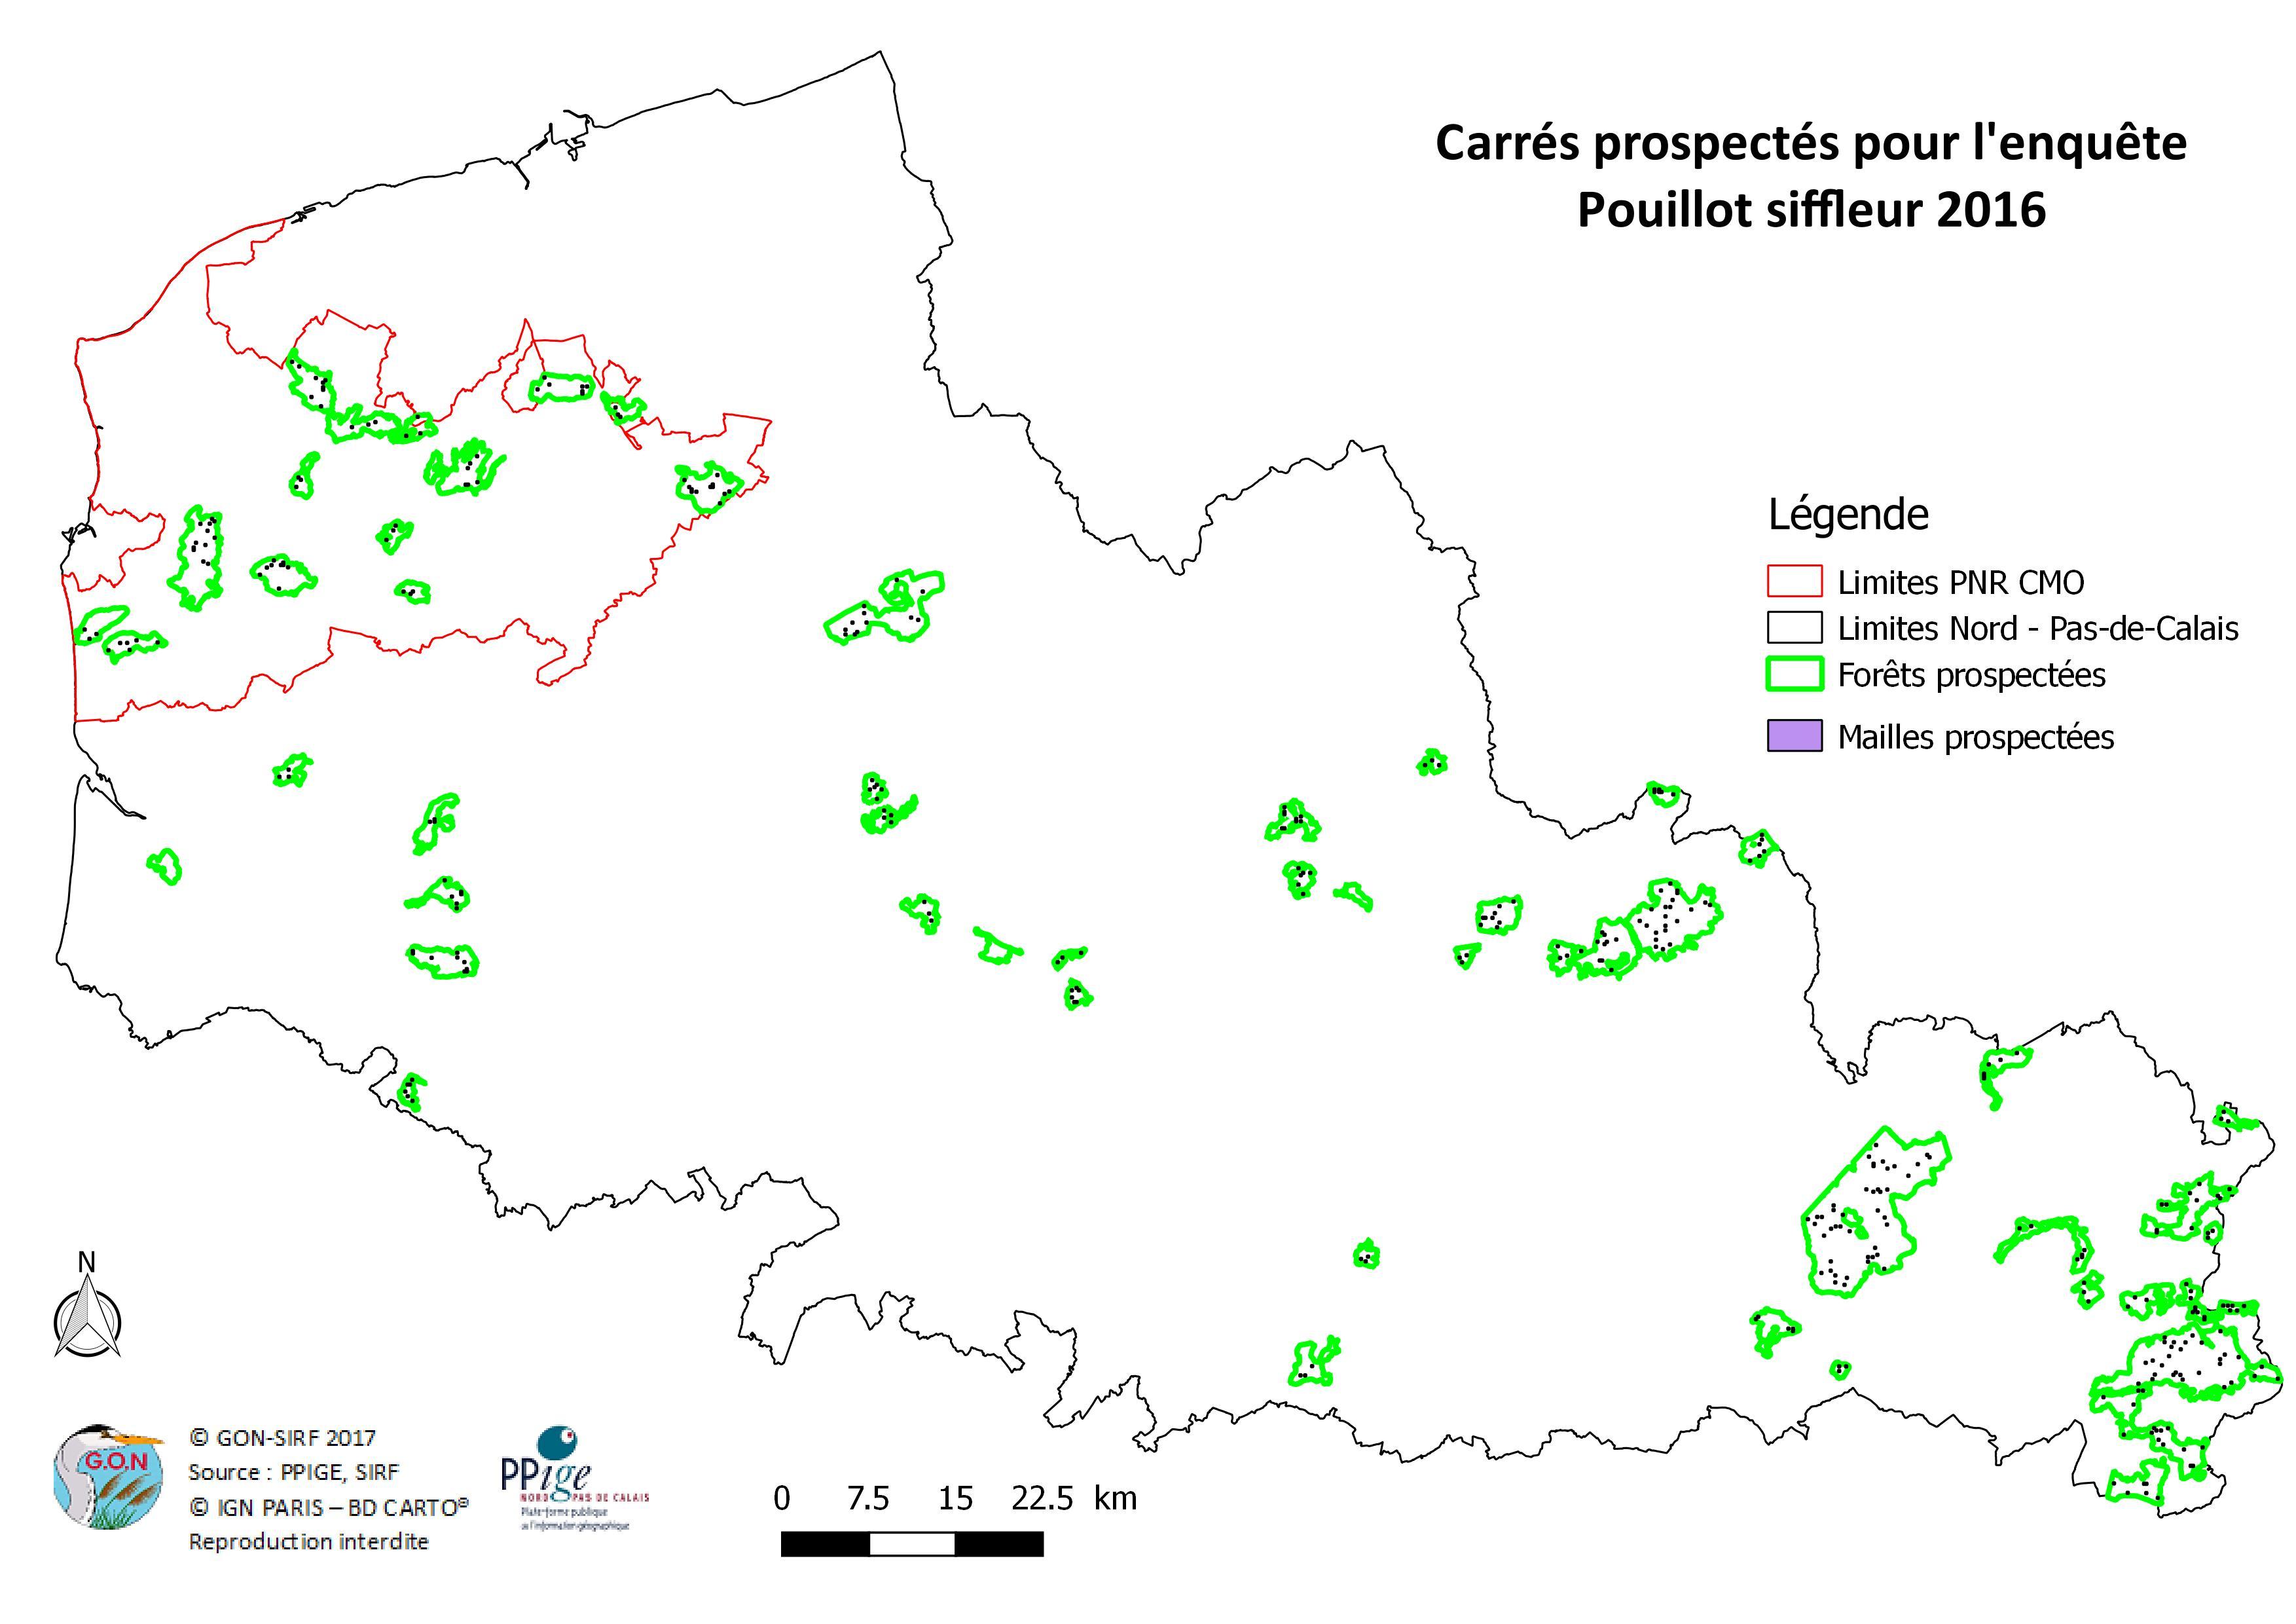 Localisation des points d'écoute réalisés et des mailles prospectées recensés au cours de l'enquête 2016 sur le Nord et le Pas-de-Calais (Mahiez & Beaudoin, 2016)